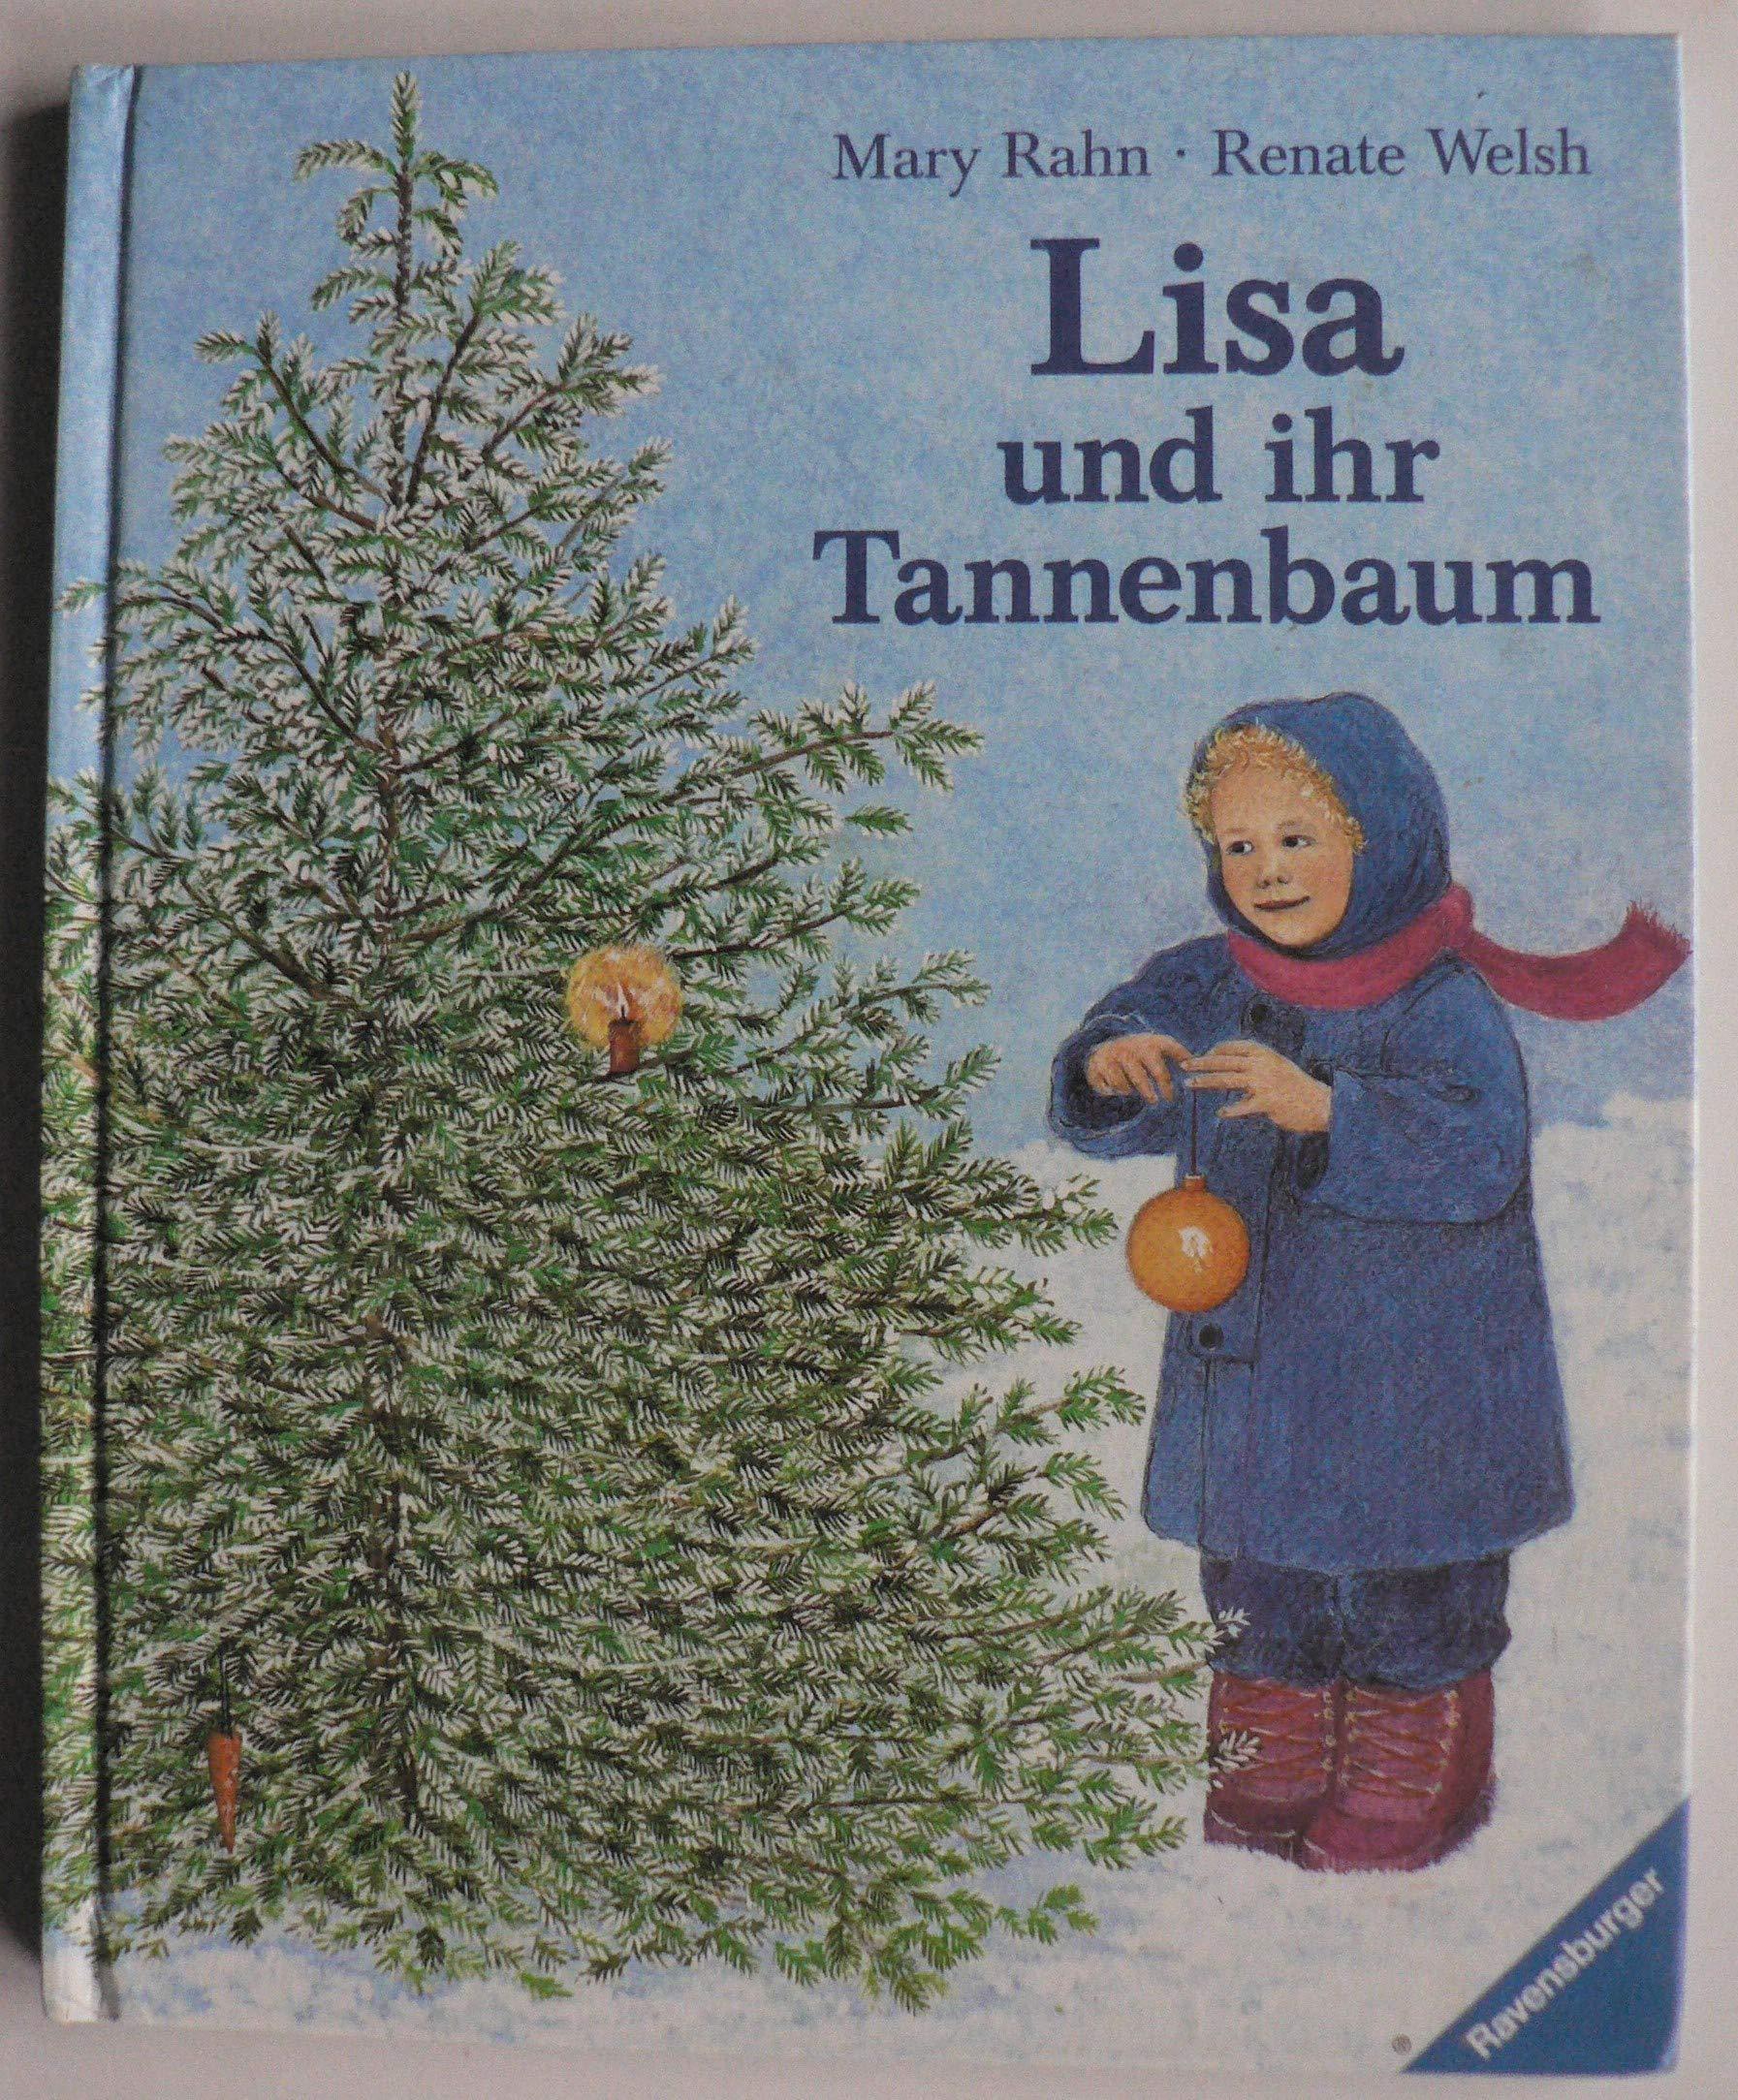 Bilderbuch Tannenbaum.Lisa Und Ihr Tannenbaum Amazon De Mary Rahn Renate Welsh Bã Cher